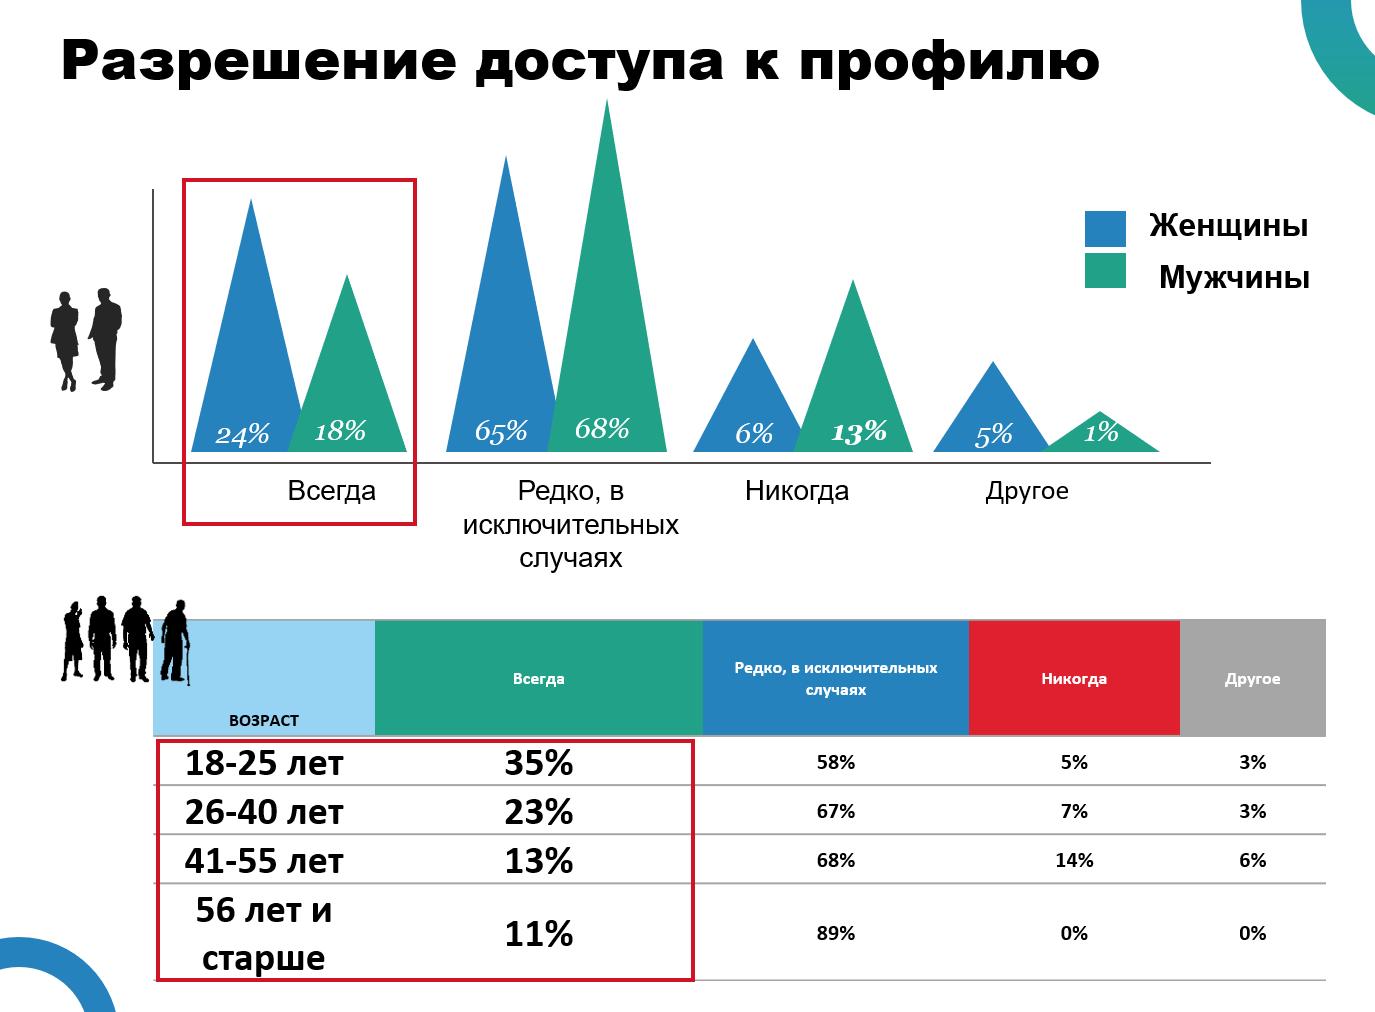 Кто как относится к доступу к личным данным - статистика по возрасту и полу